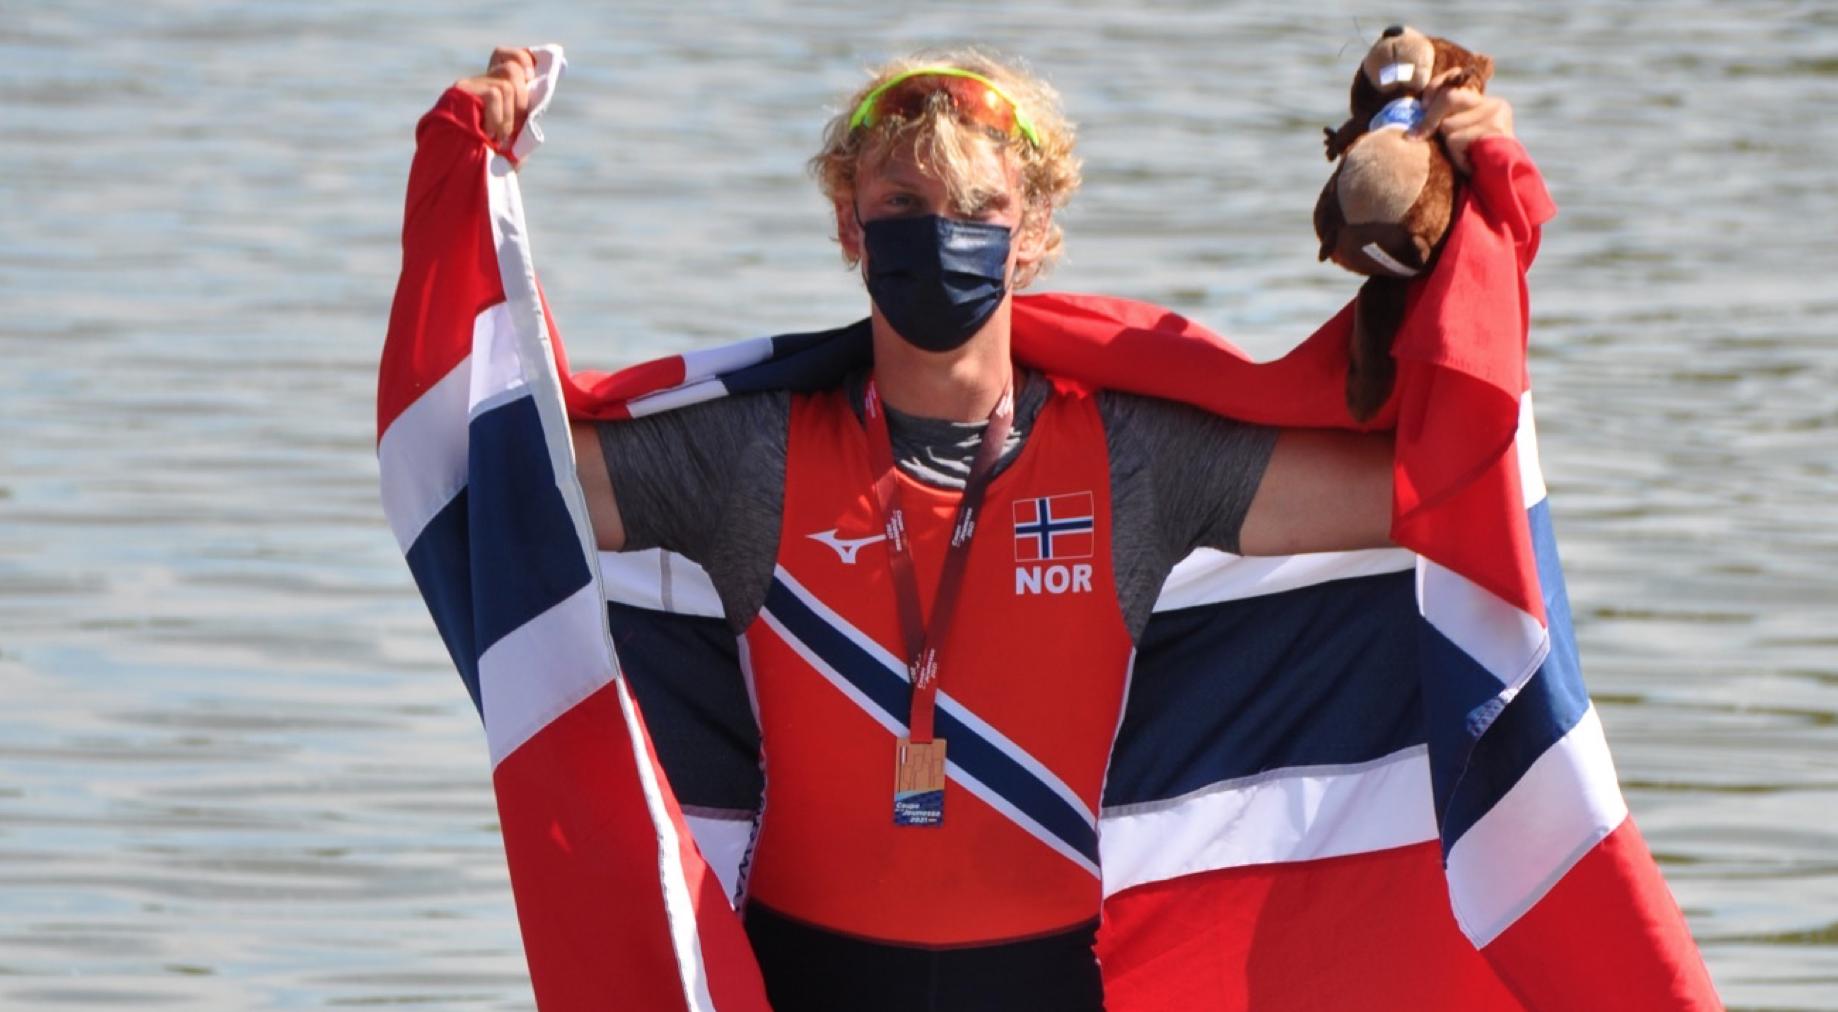 Marius Thime med bronsemedaljen. Fotograf: Sigurd Gullerud